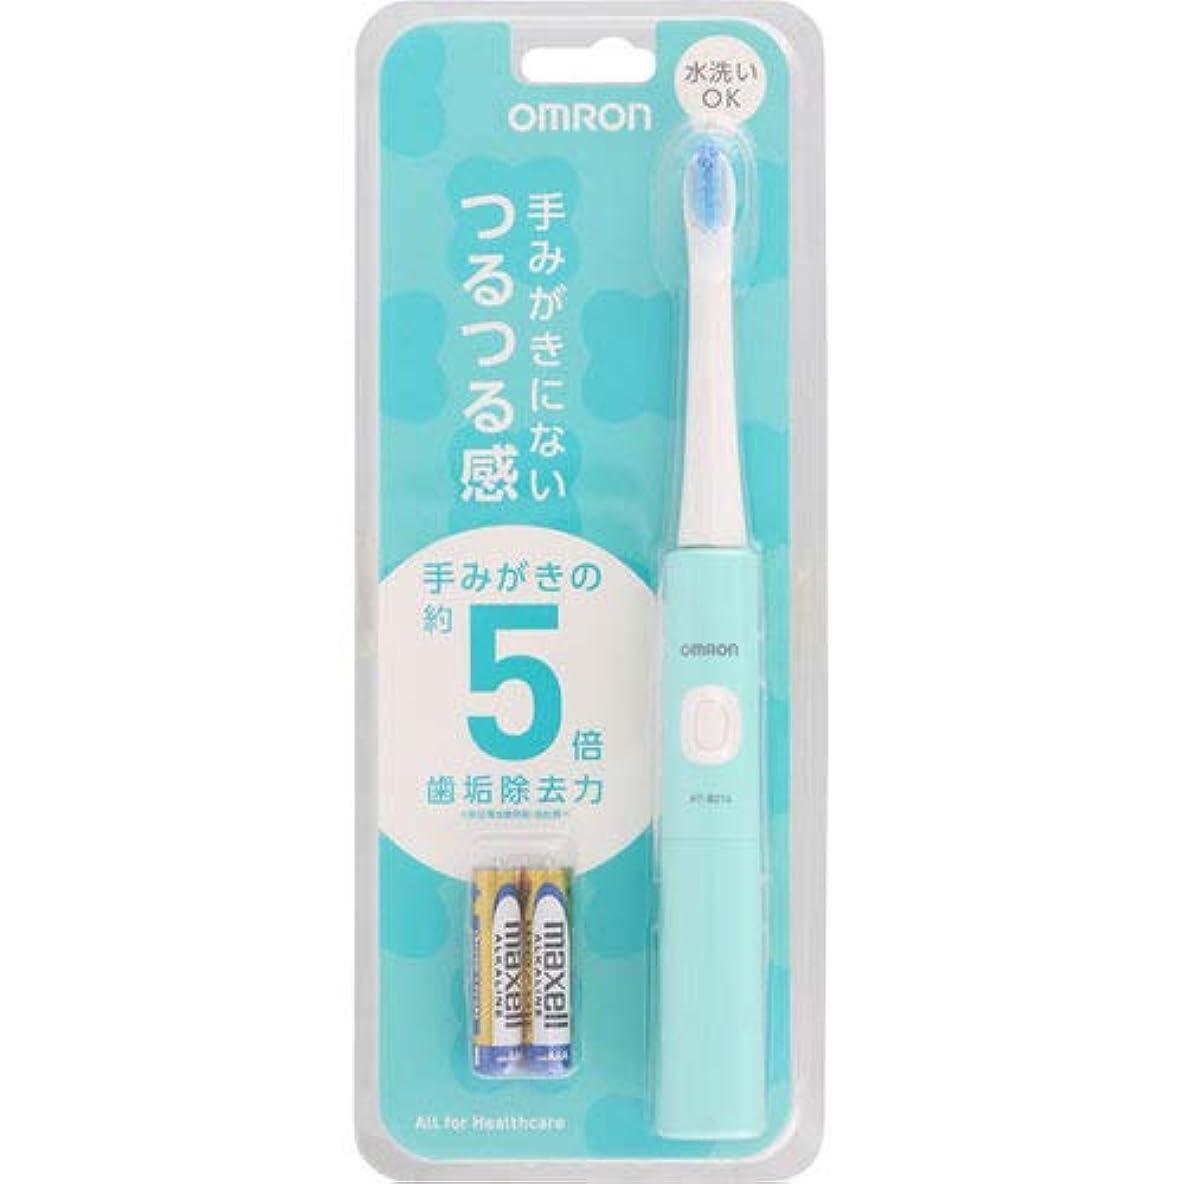 腫瘍スパーク記念オムロン 電動歯ブラシ HT-B214-G グリーン 電池式